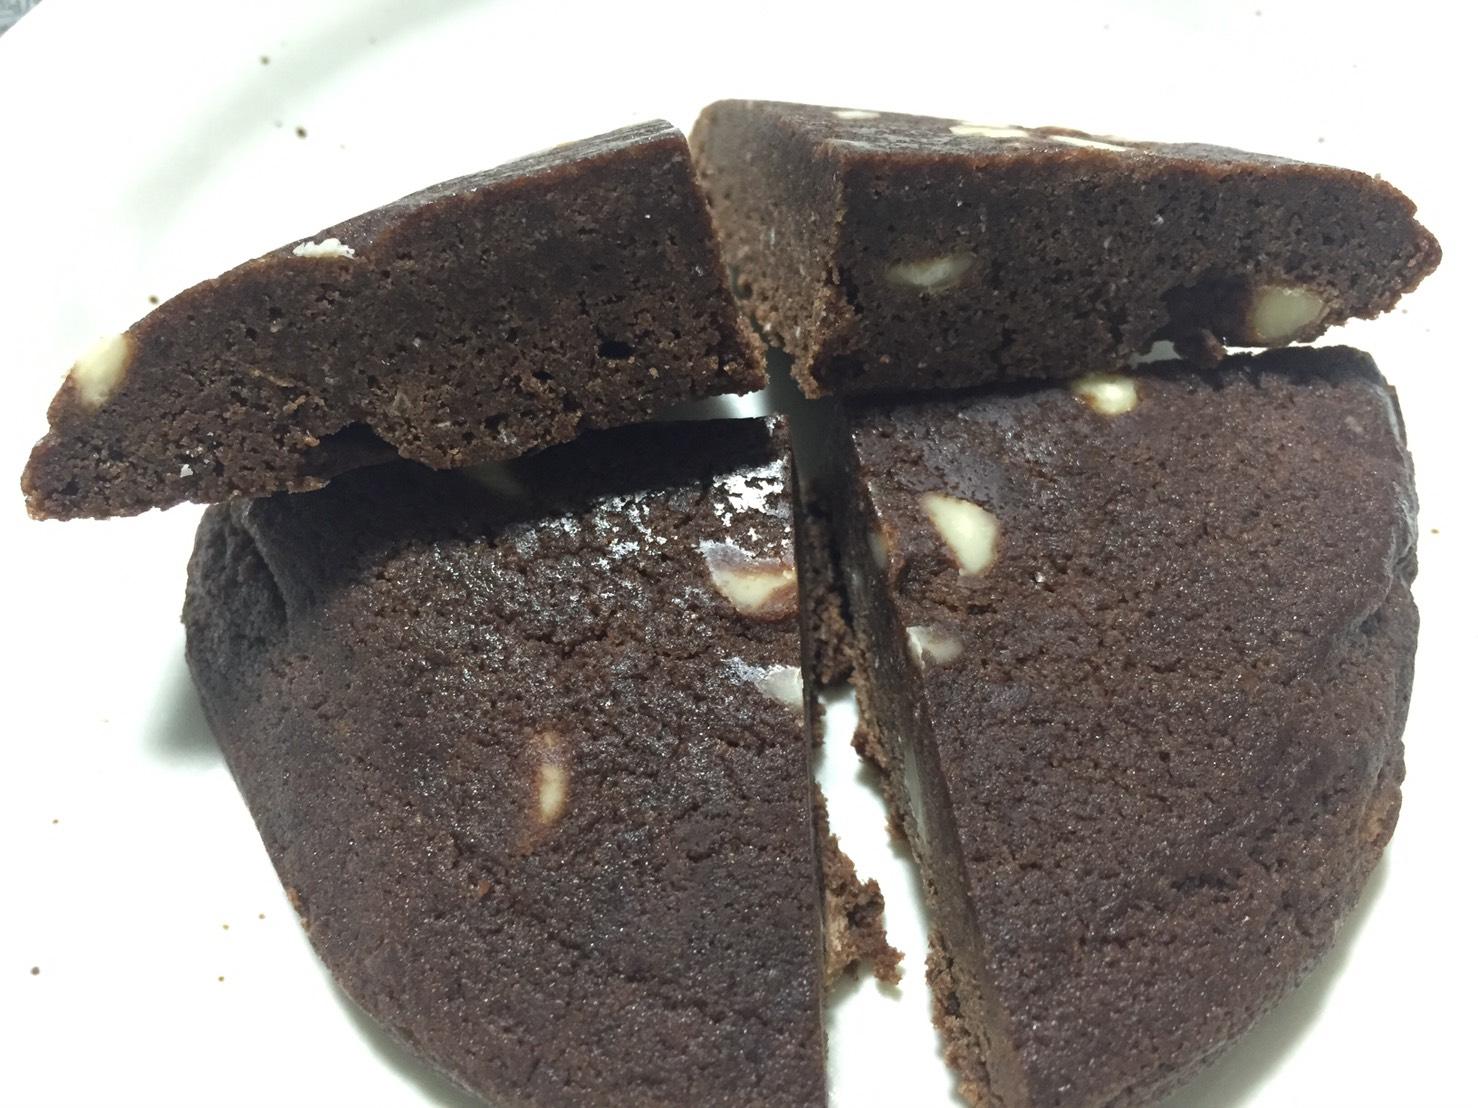 プロテインクッキー「CHOCOLATE MINT FLAVOUR(チョコレートミント味)」の断面の様子